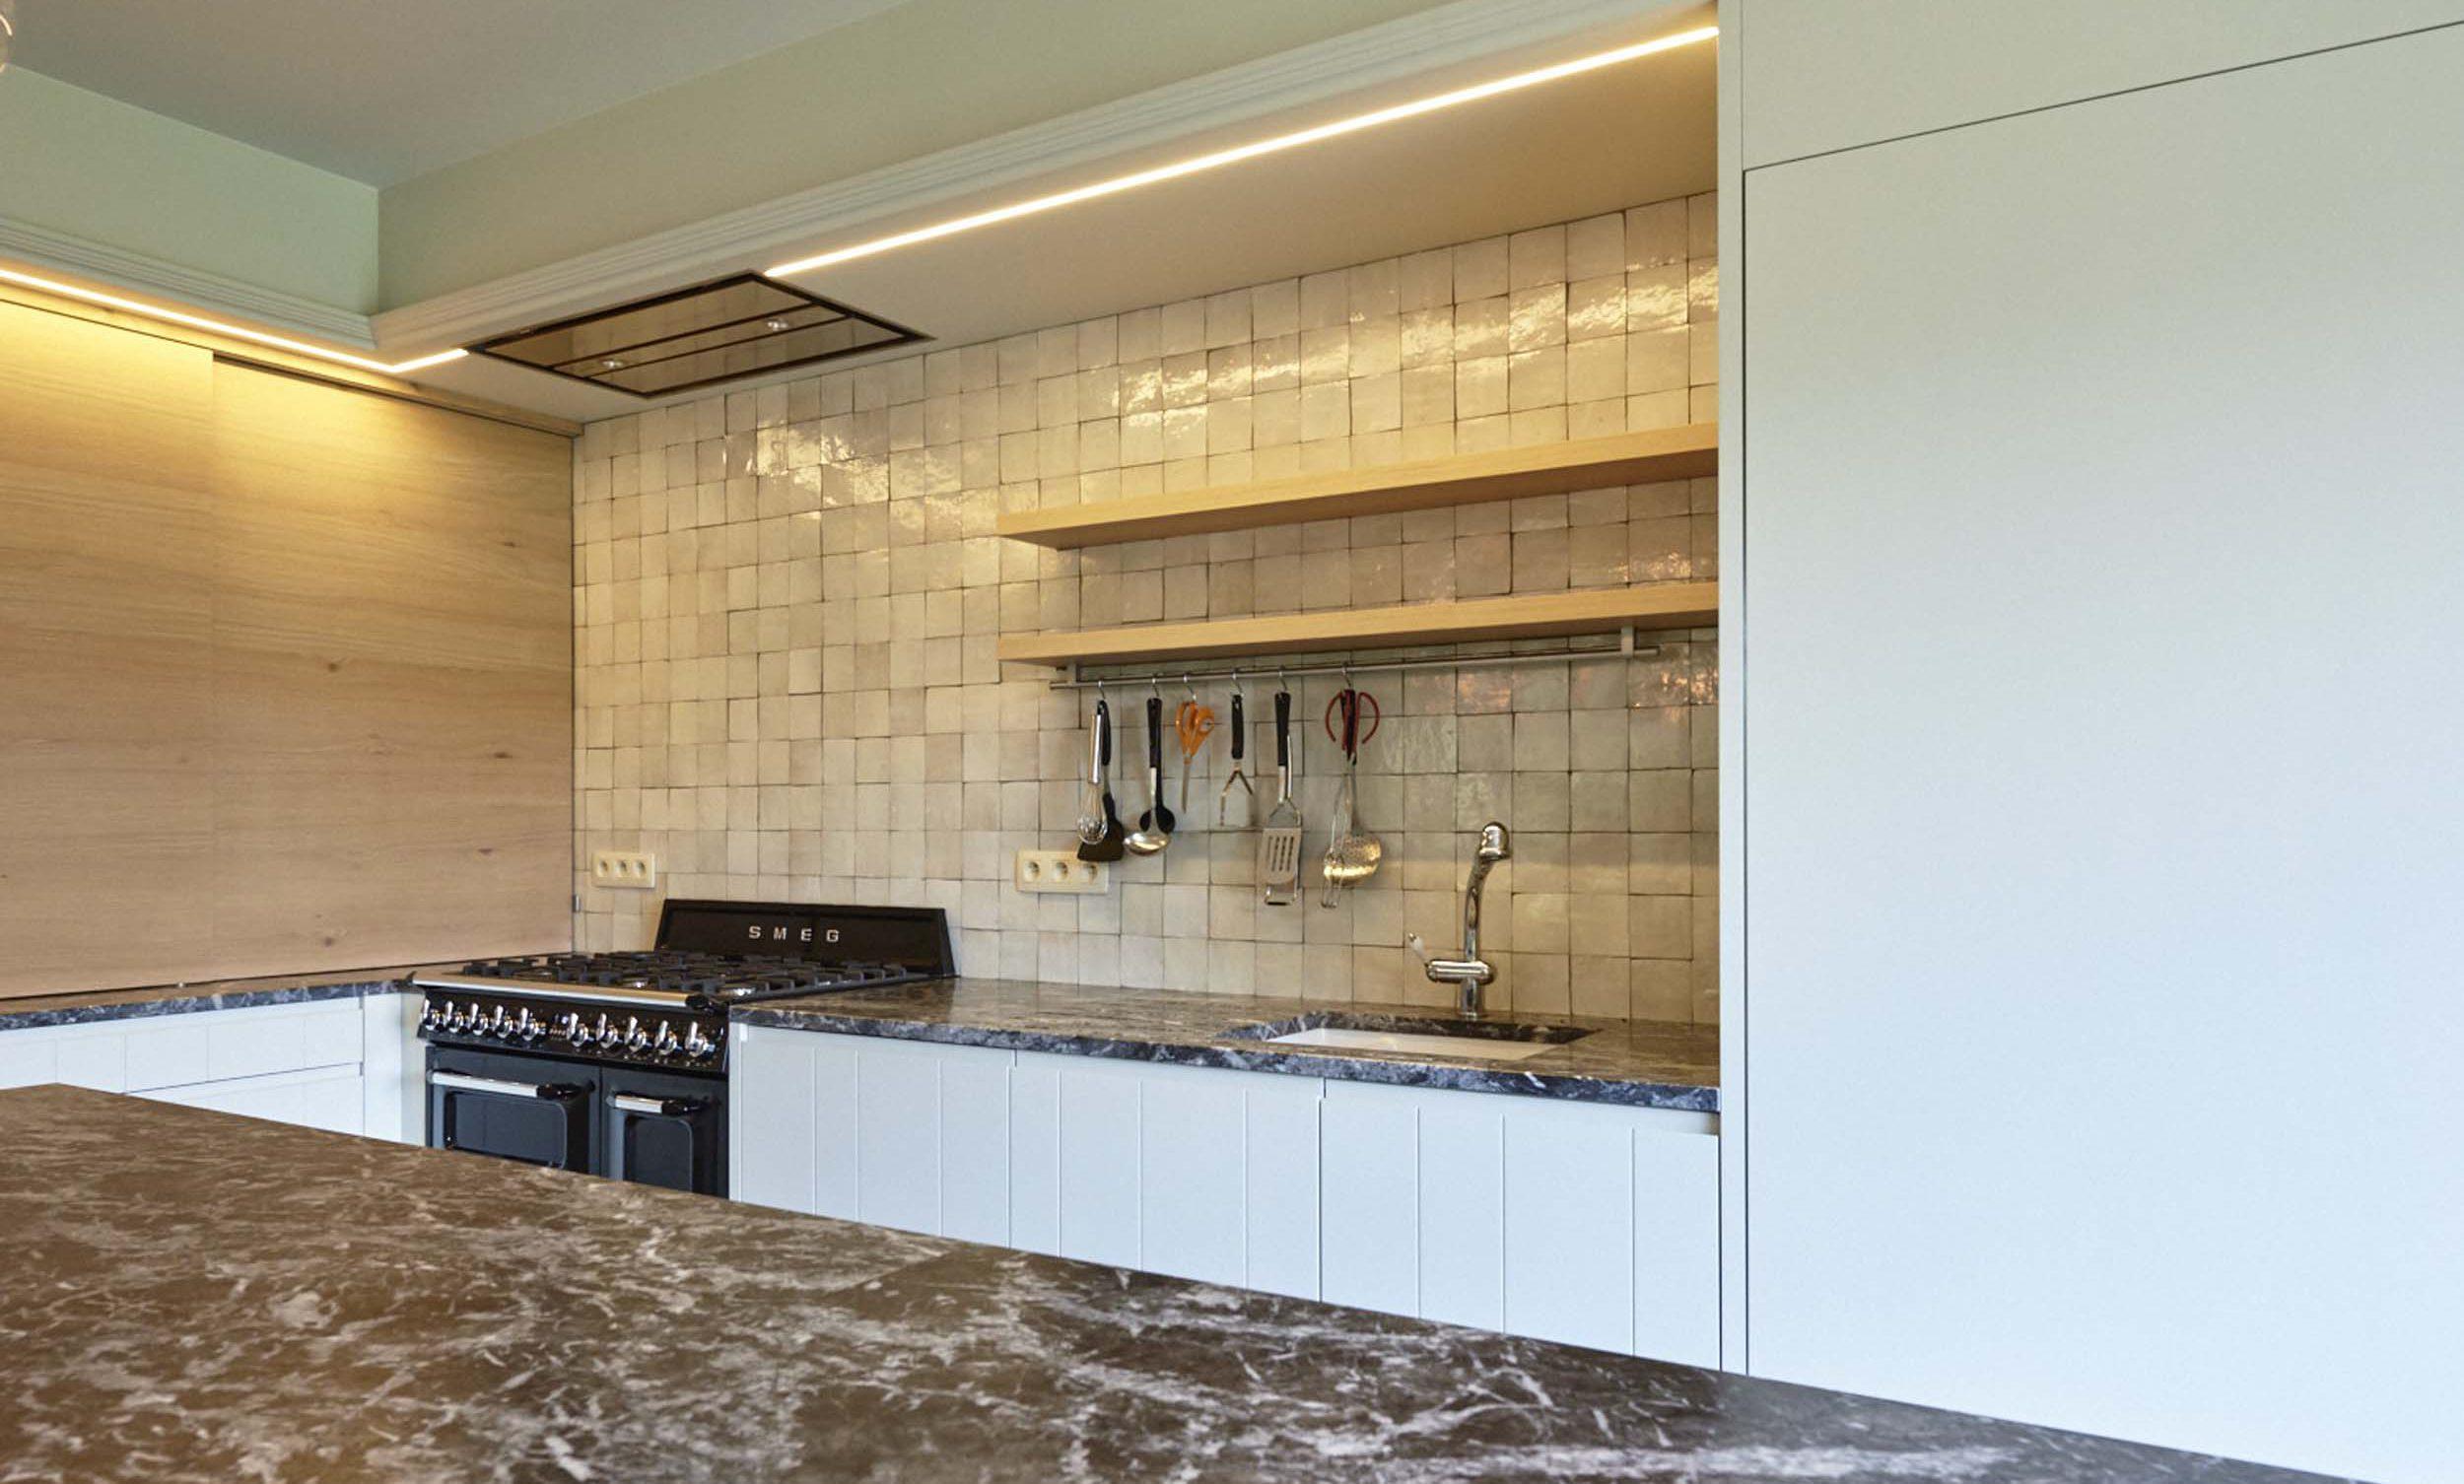 Vanda-projects-interieurinrichting-meubelmakerij-oost-vlaanderen-dumoulin-aanrecht